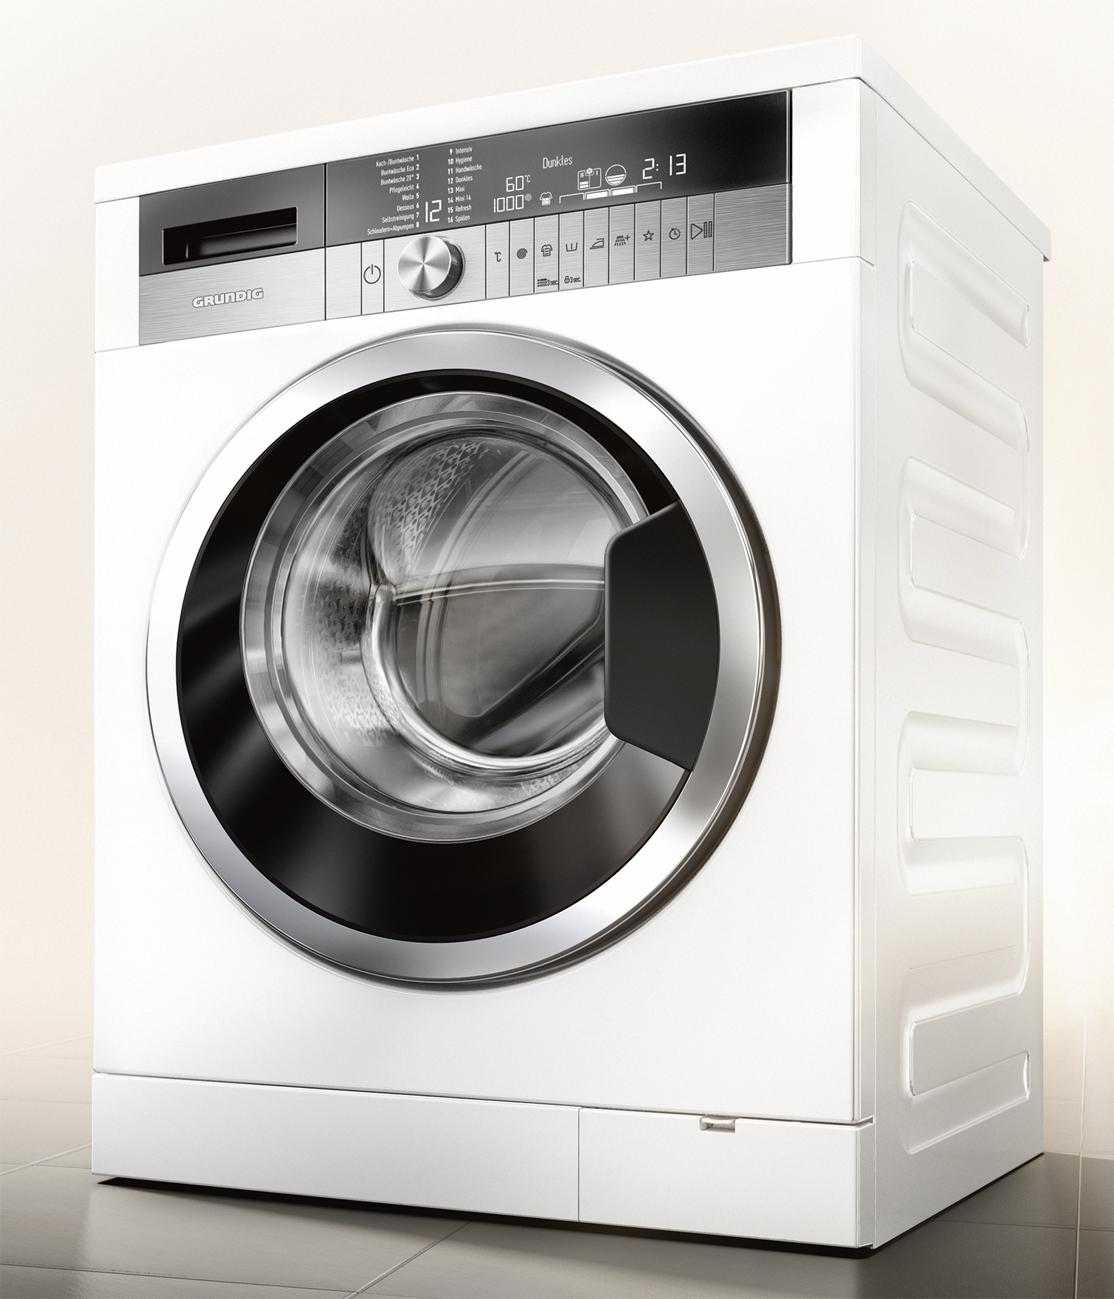 grundig waschmaschine gwn 58474 c mit multisense und. Black Bedroom Furniture Sets. Home Design Ideas